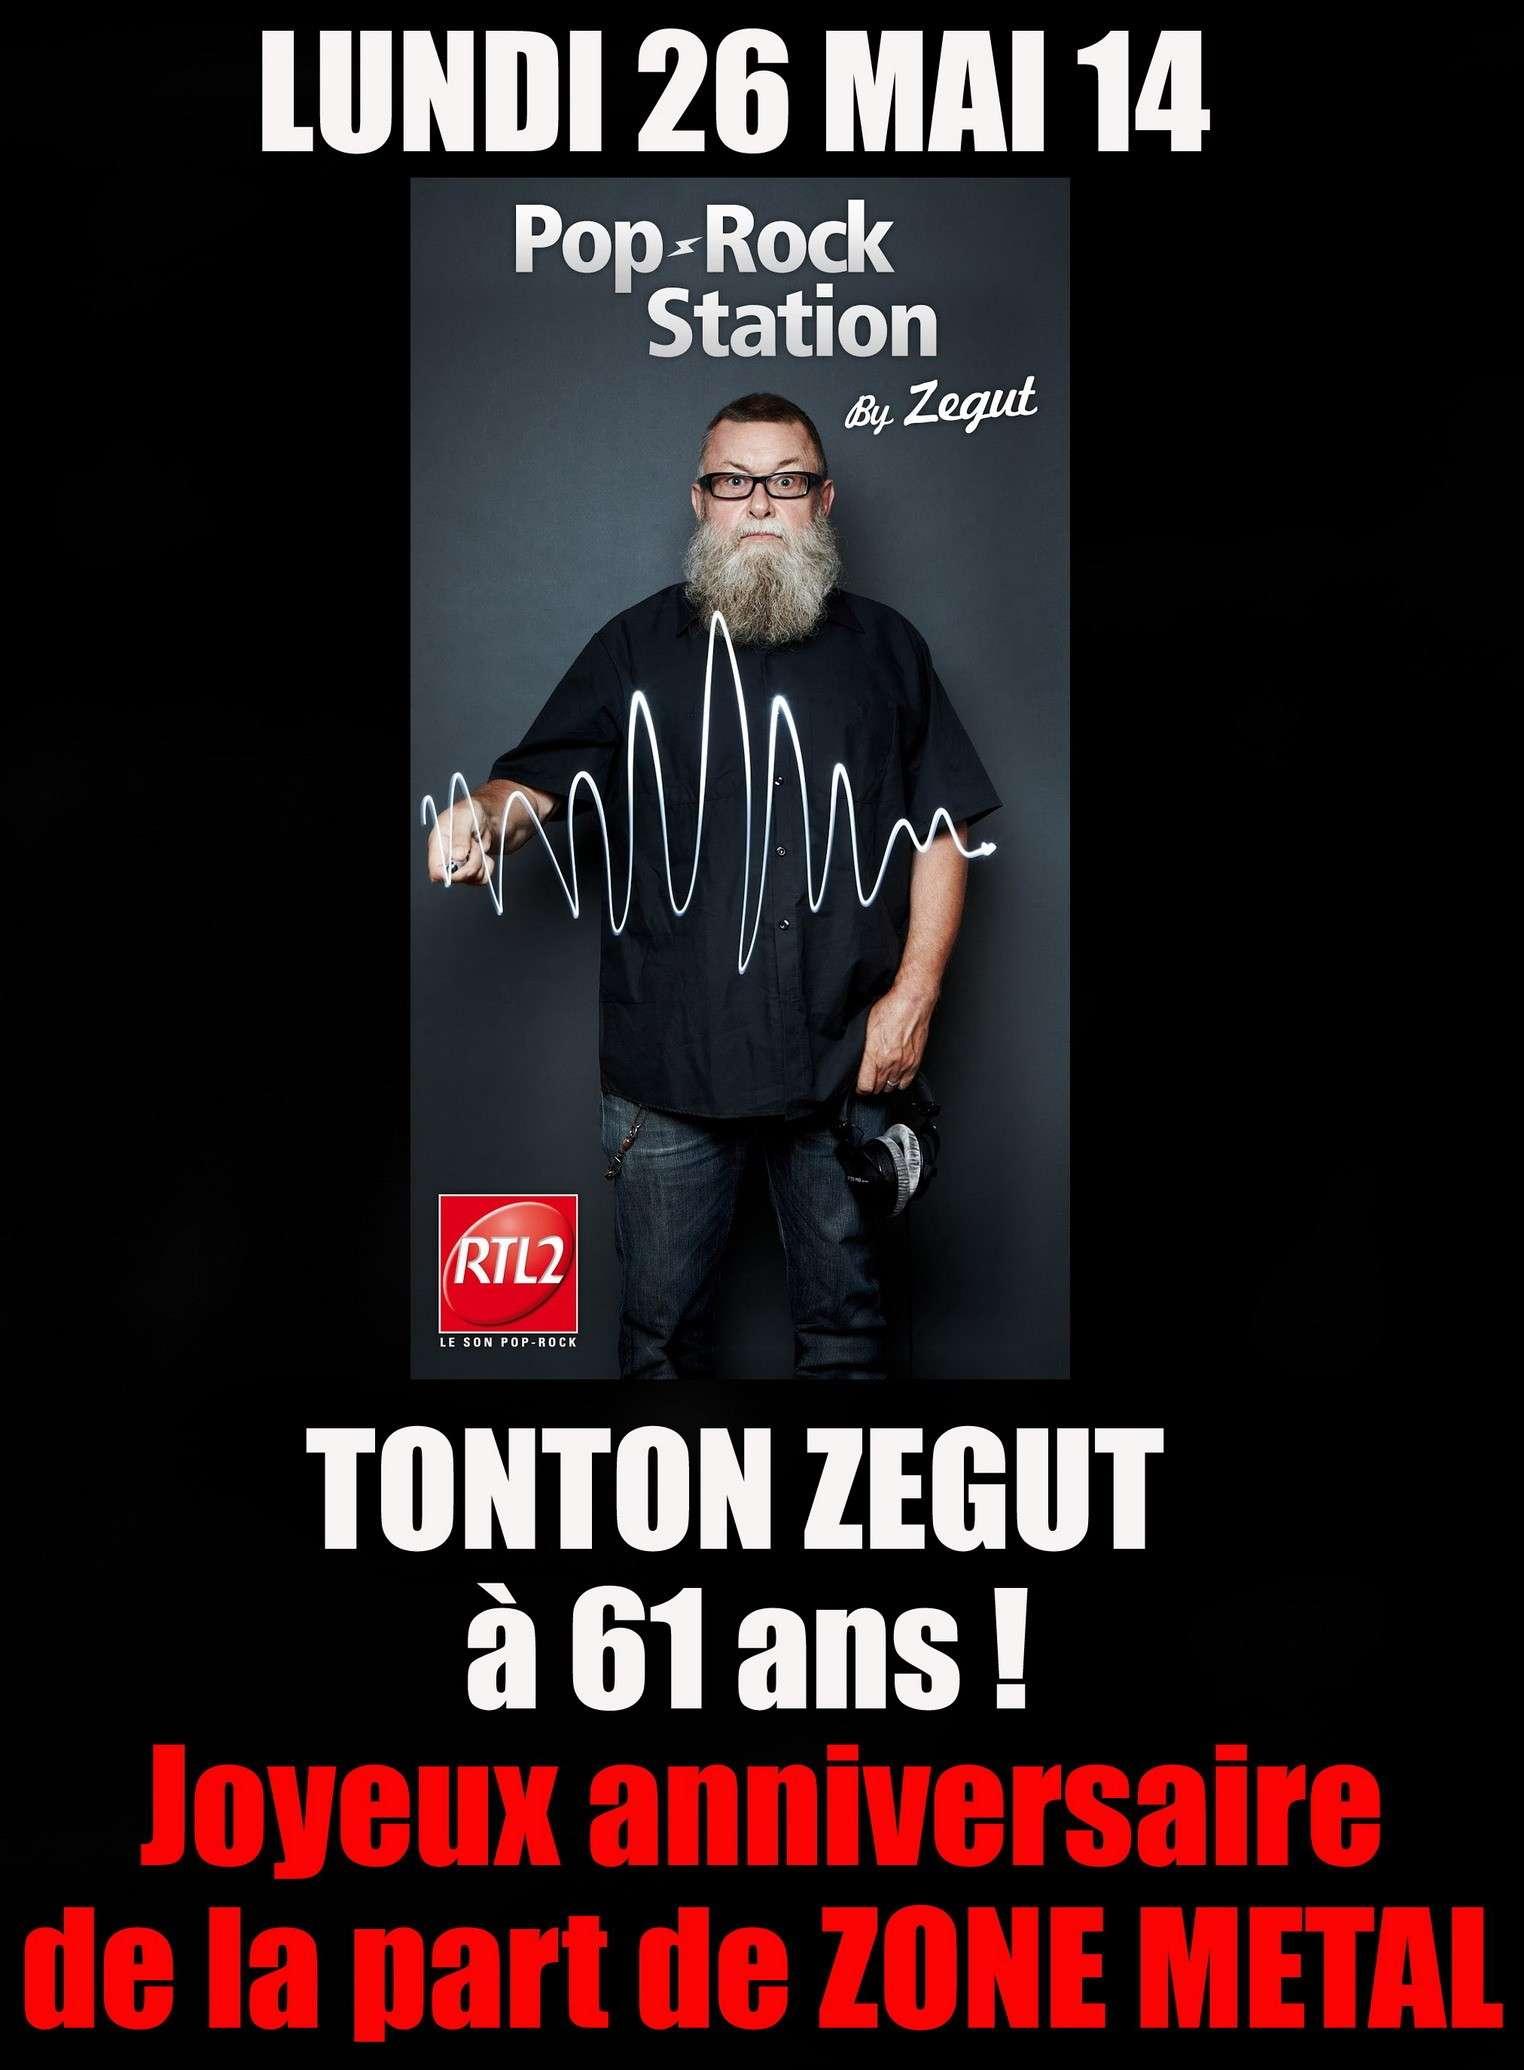 Les NEWS du METAL en VRAC ... - Page 3 Zegut10